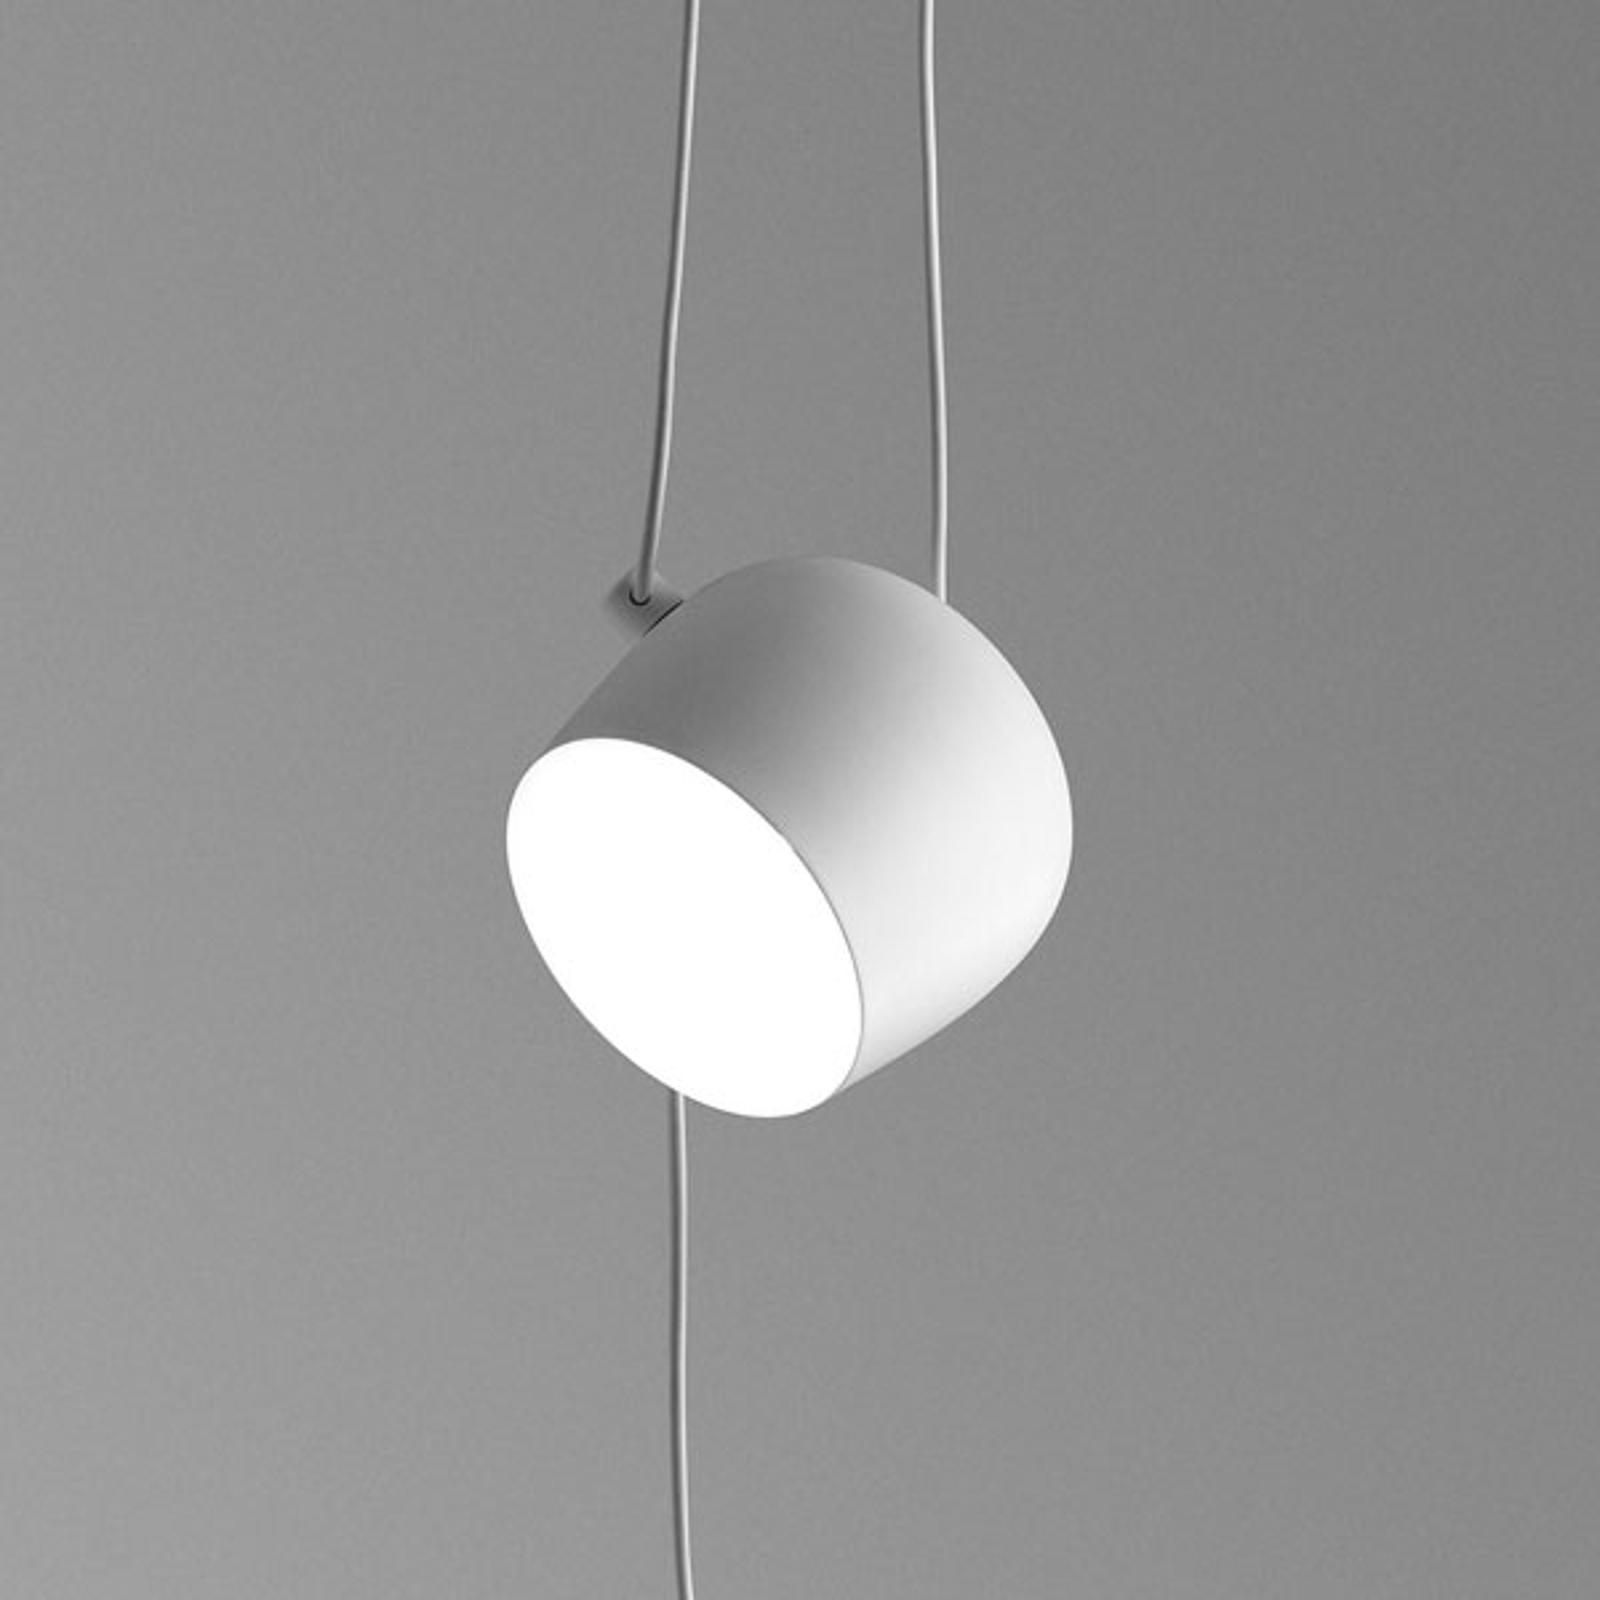 FLOS Aim Small lampa wisząca z wtyczką, biała